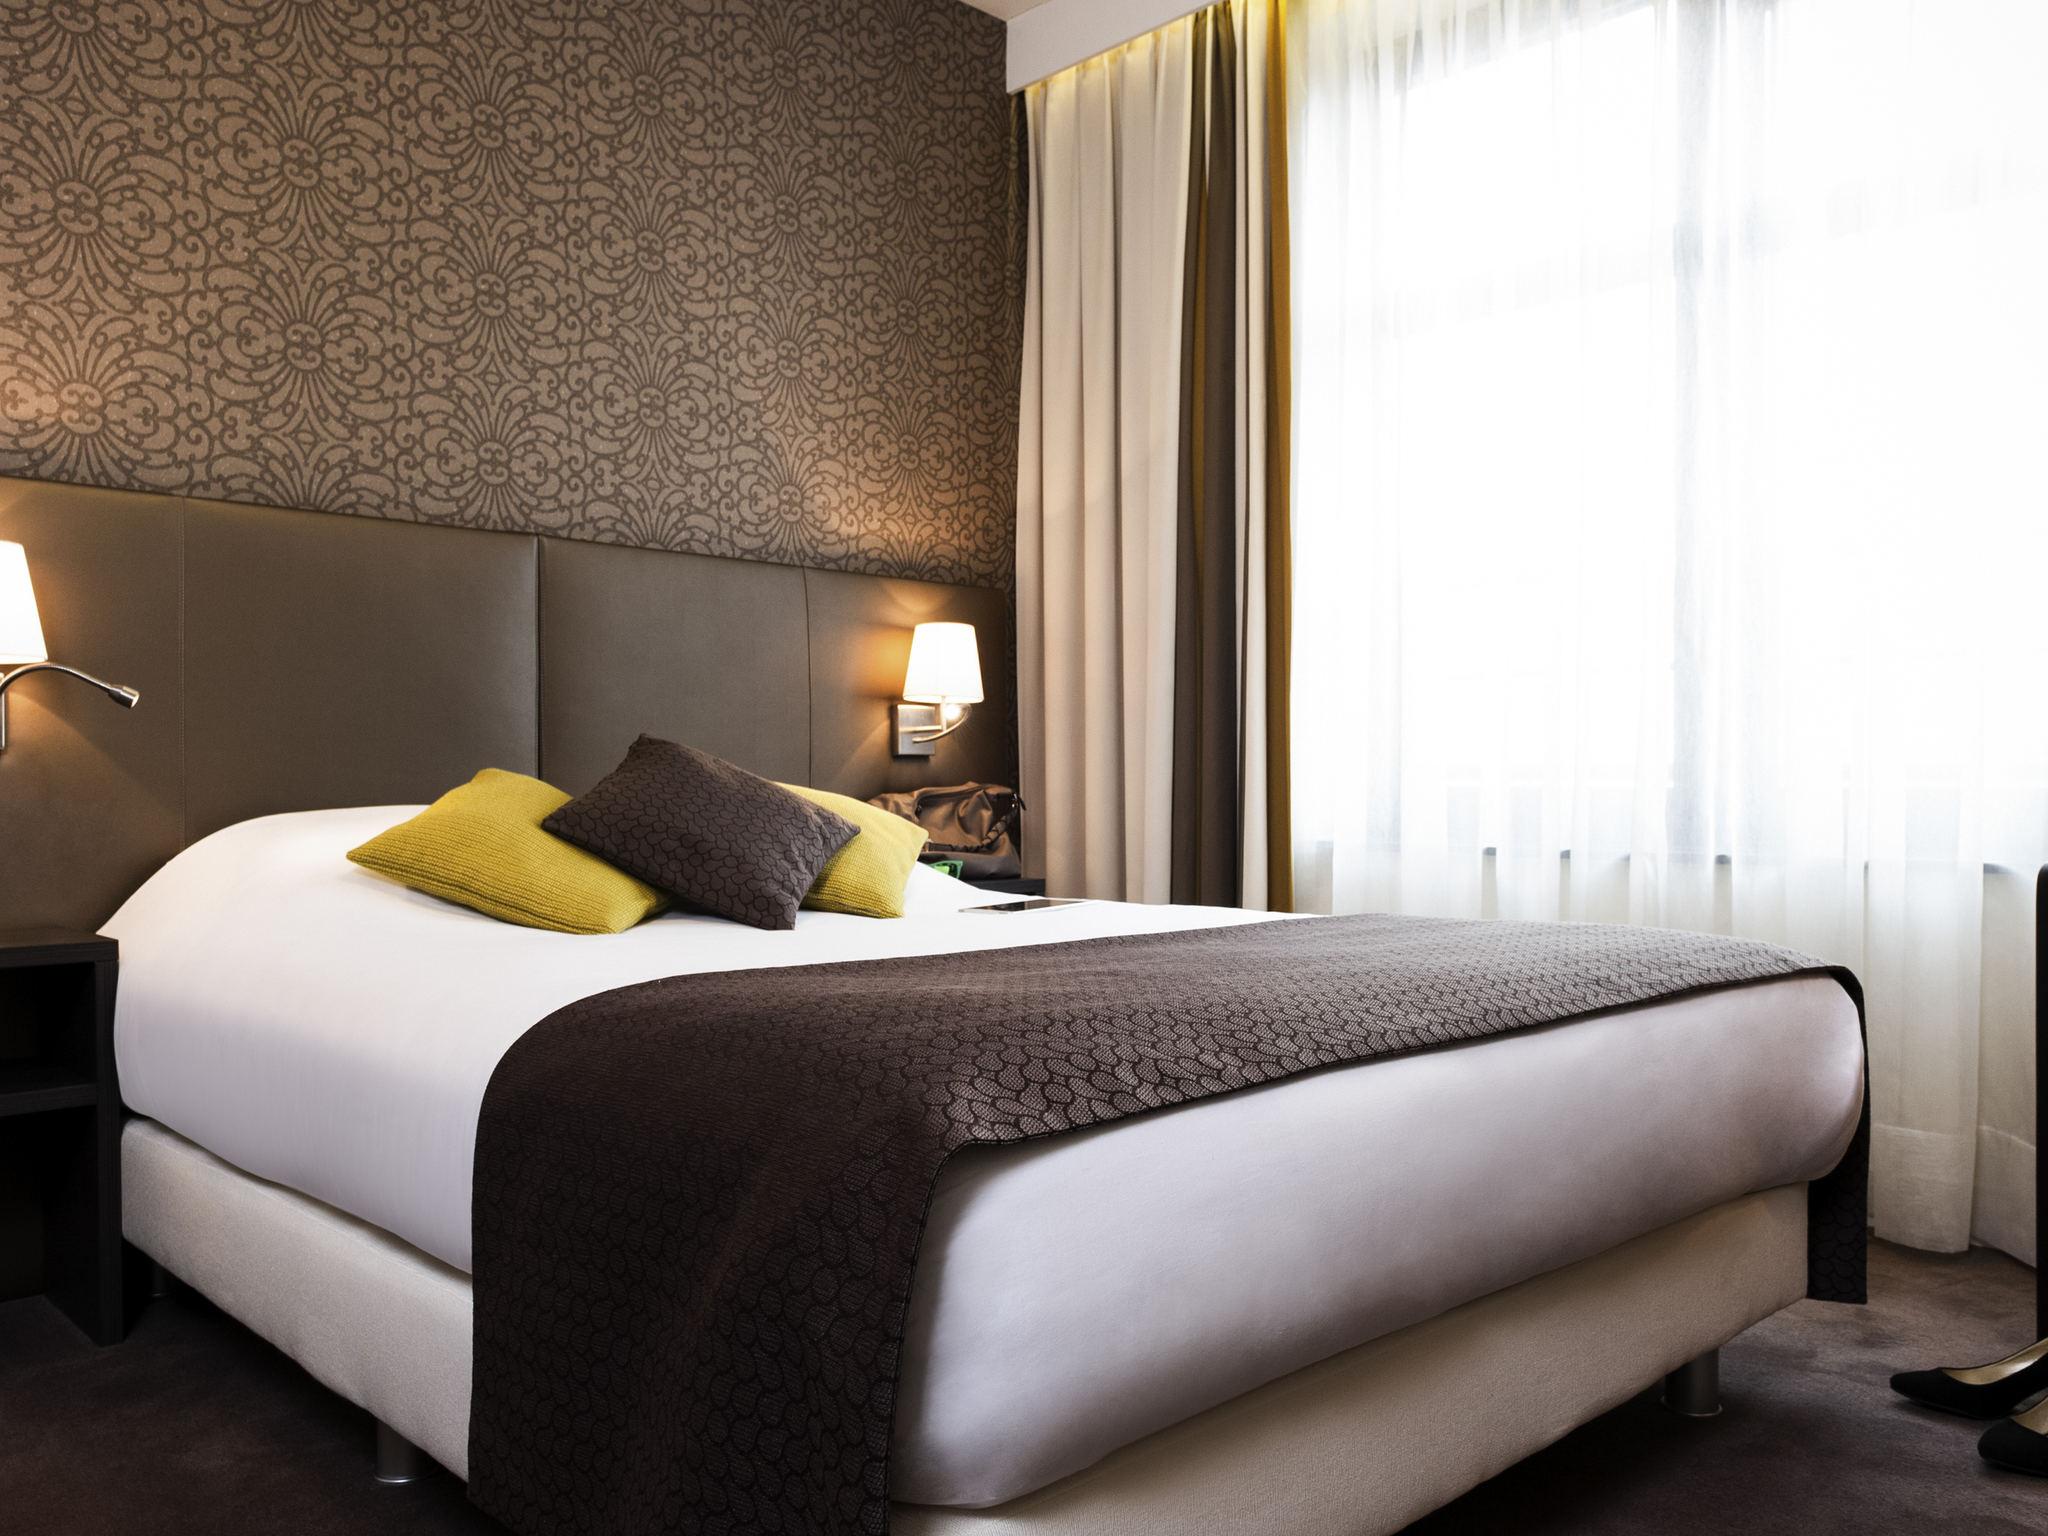 فندق - إيبيس ستايلز ibis Styles براسيلز سنتر ستيفاني